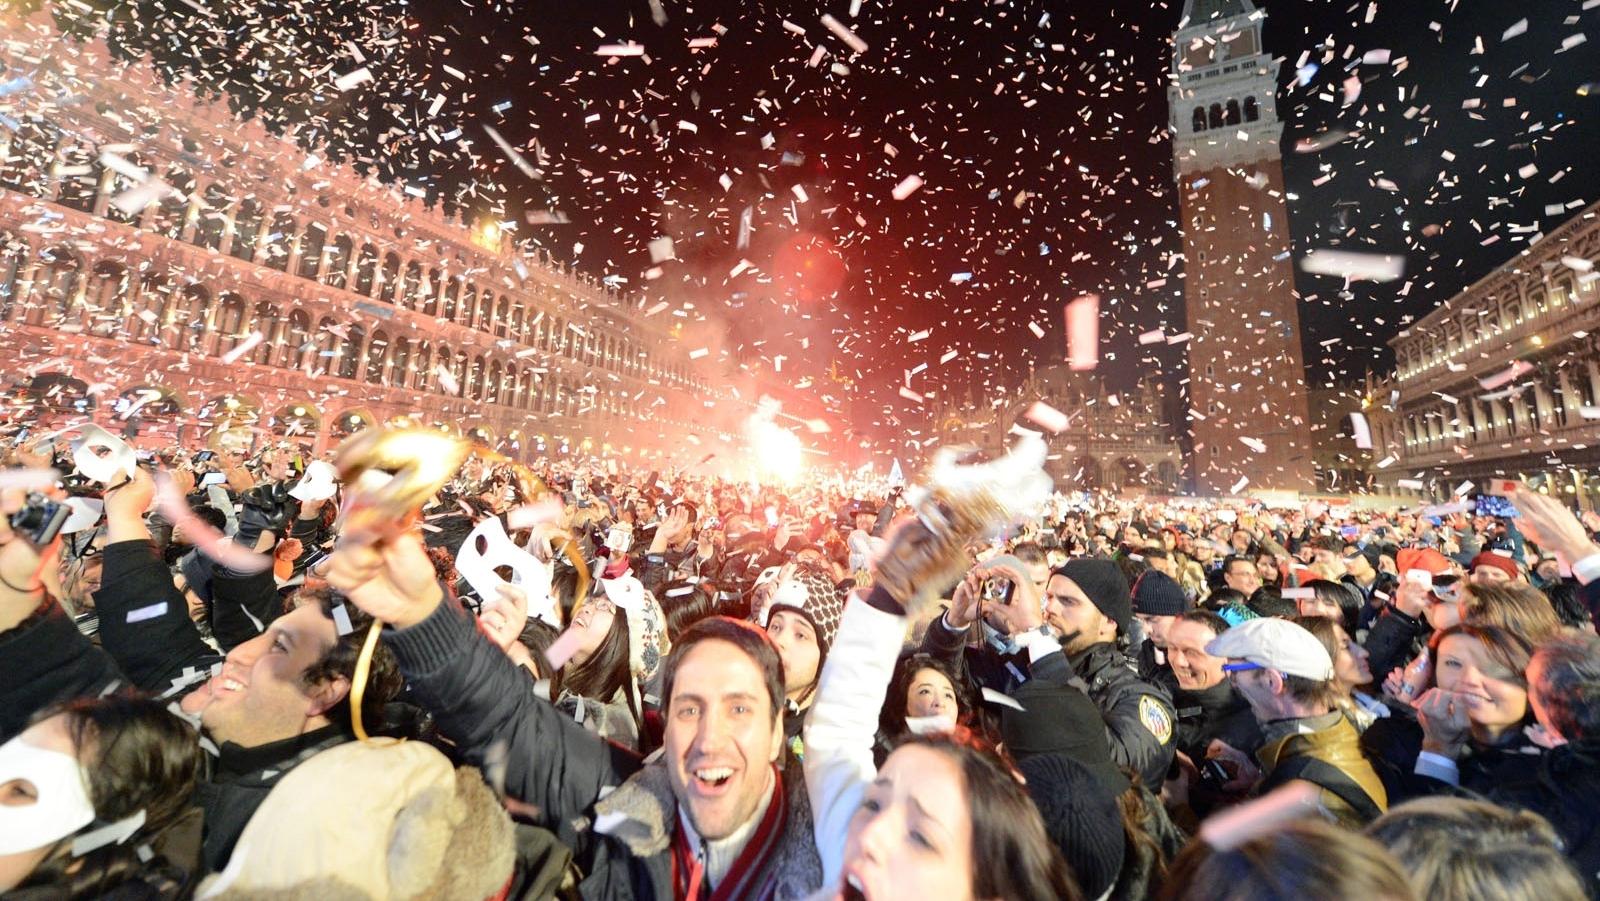 Где лучше встречать новый год в европе